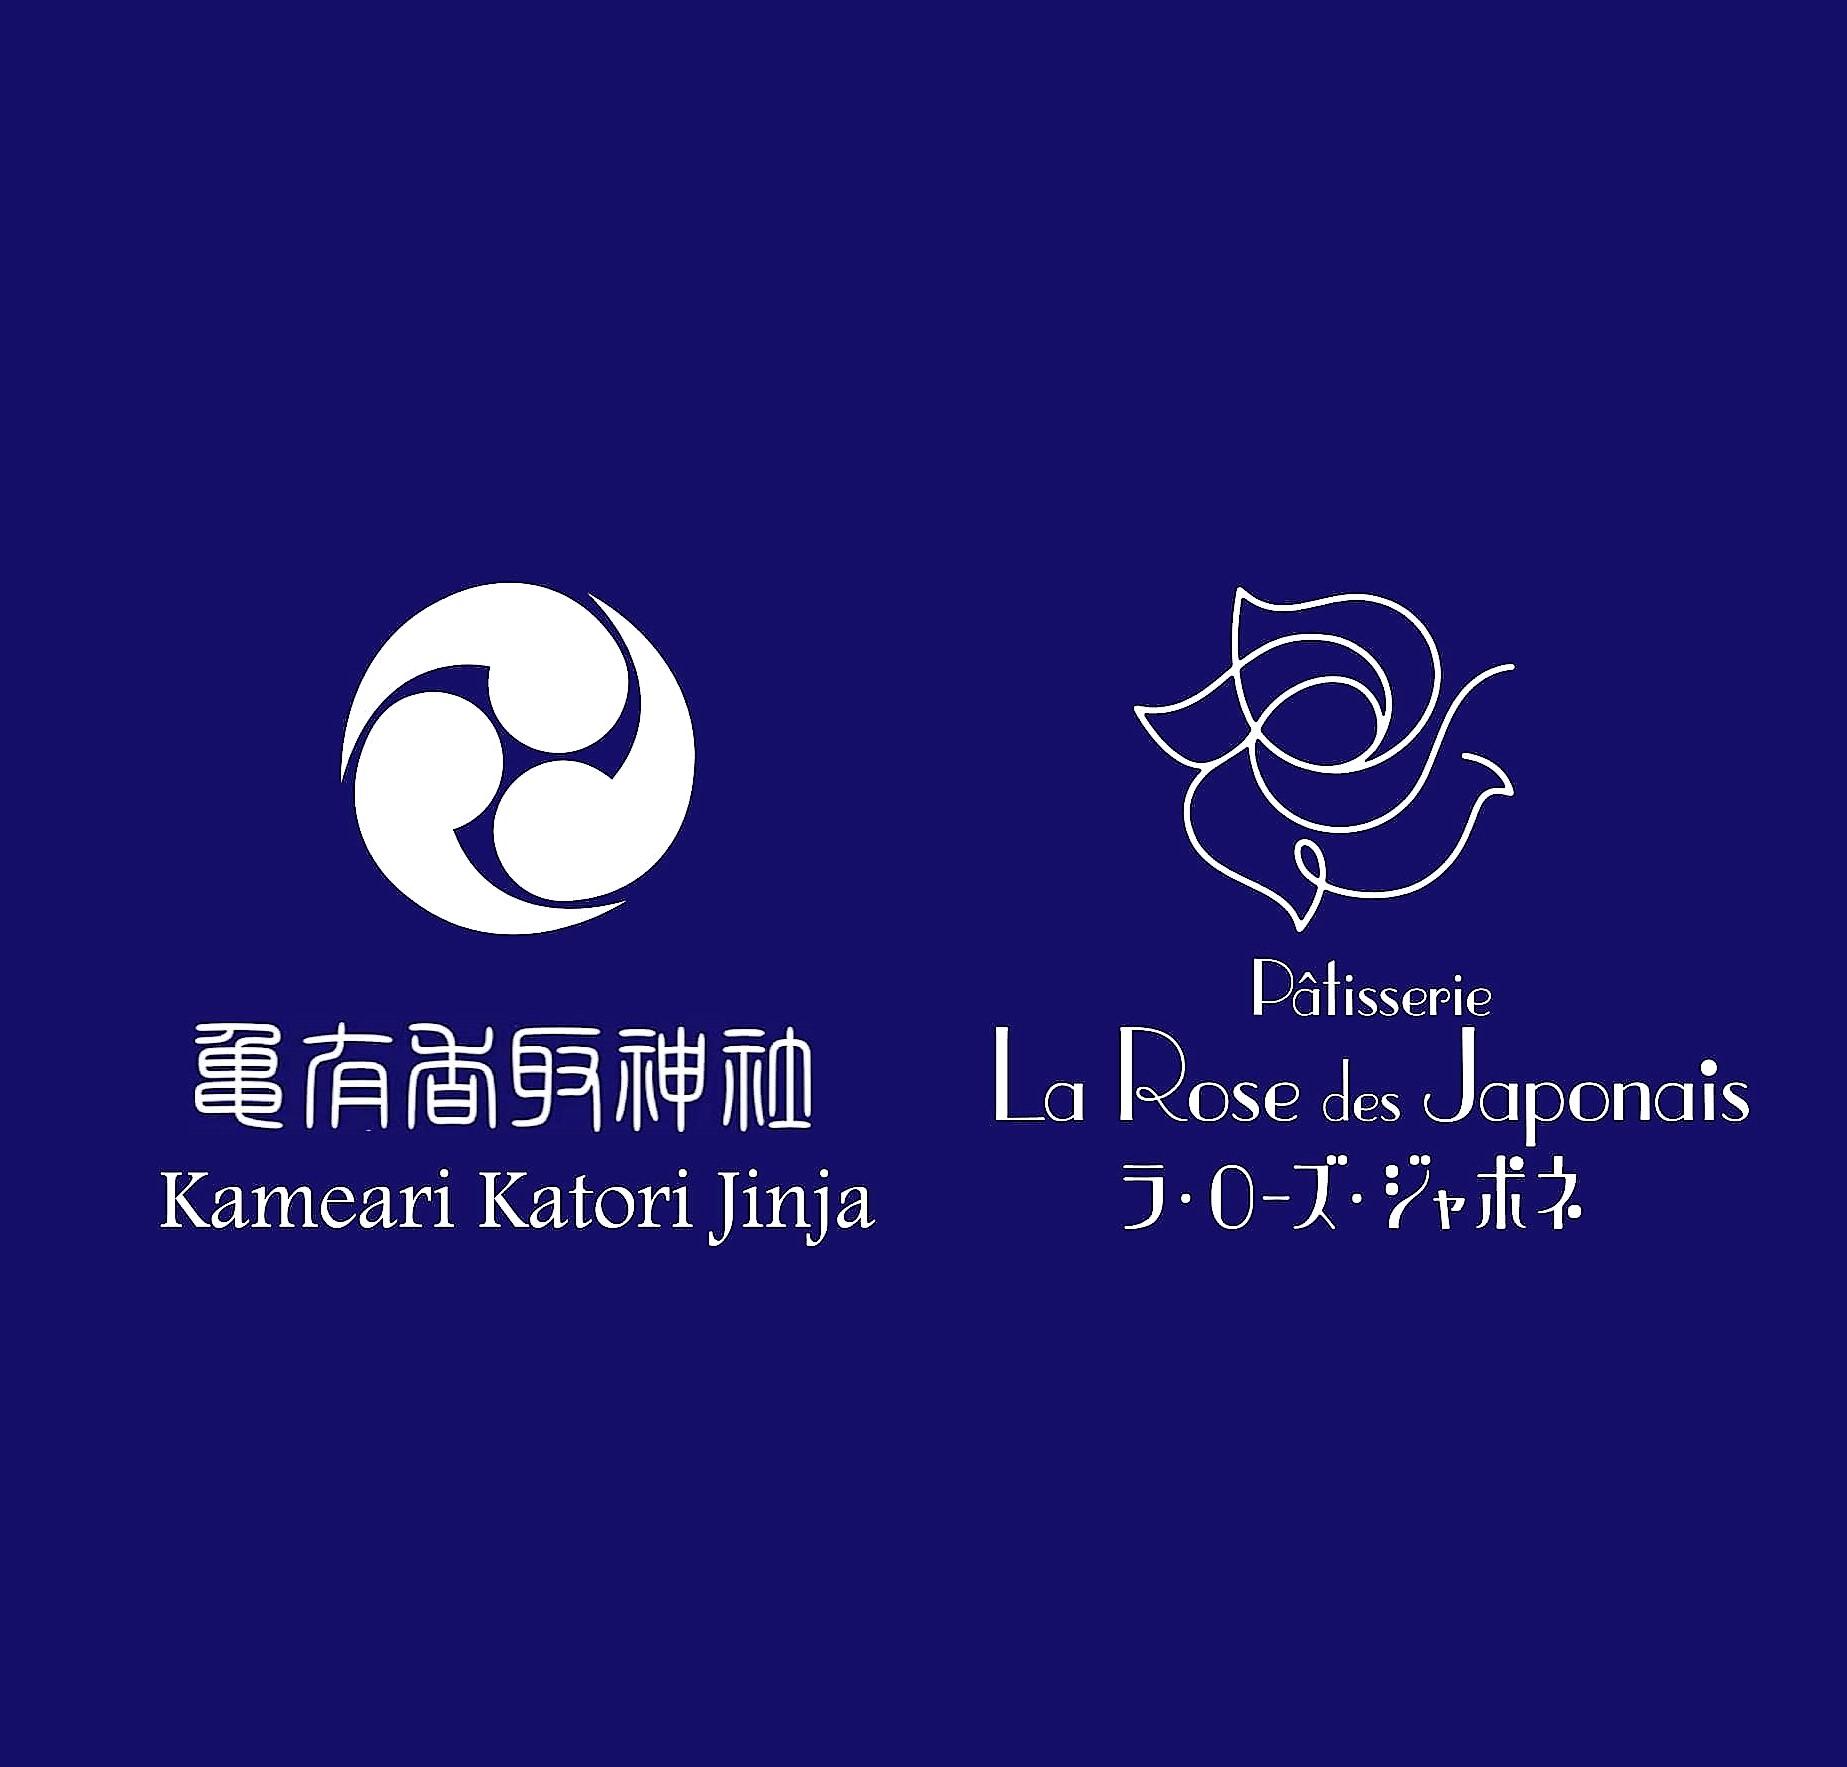 メディア情報 7月10日(火)午前9:55 テレビ朝日「じゅん散歩」亀有編放送!